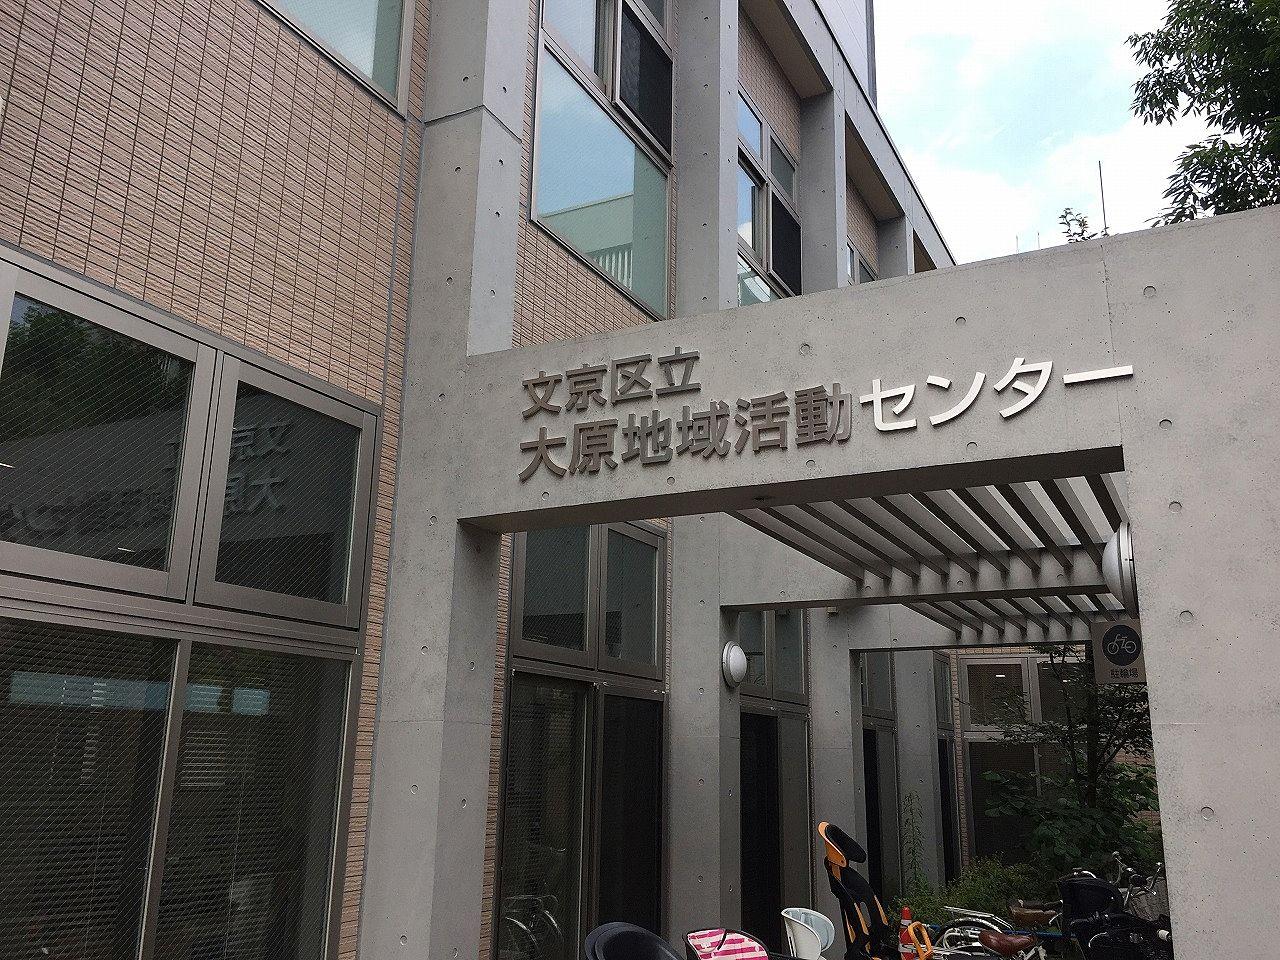 日本三大盆踊り郡上おどりを踊れるようになろう。